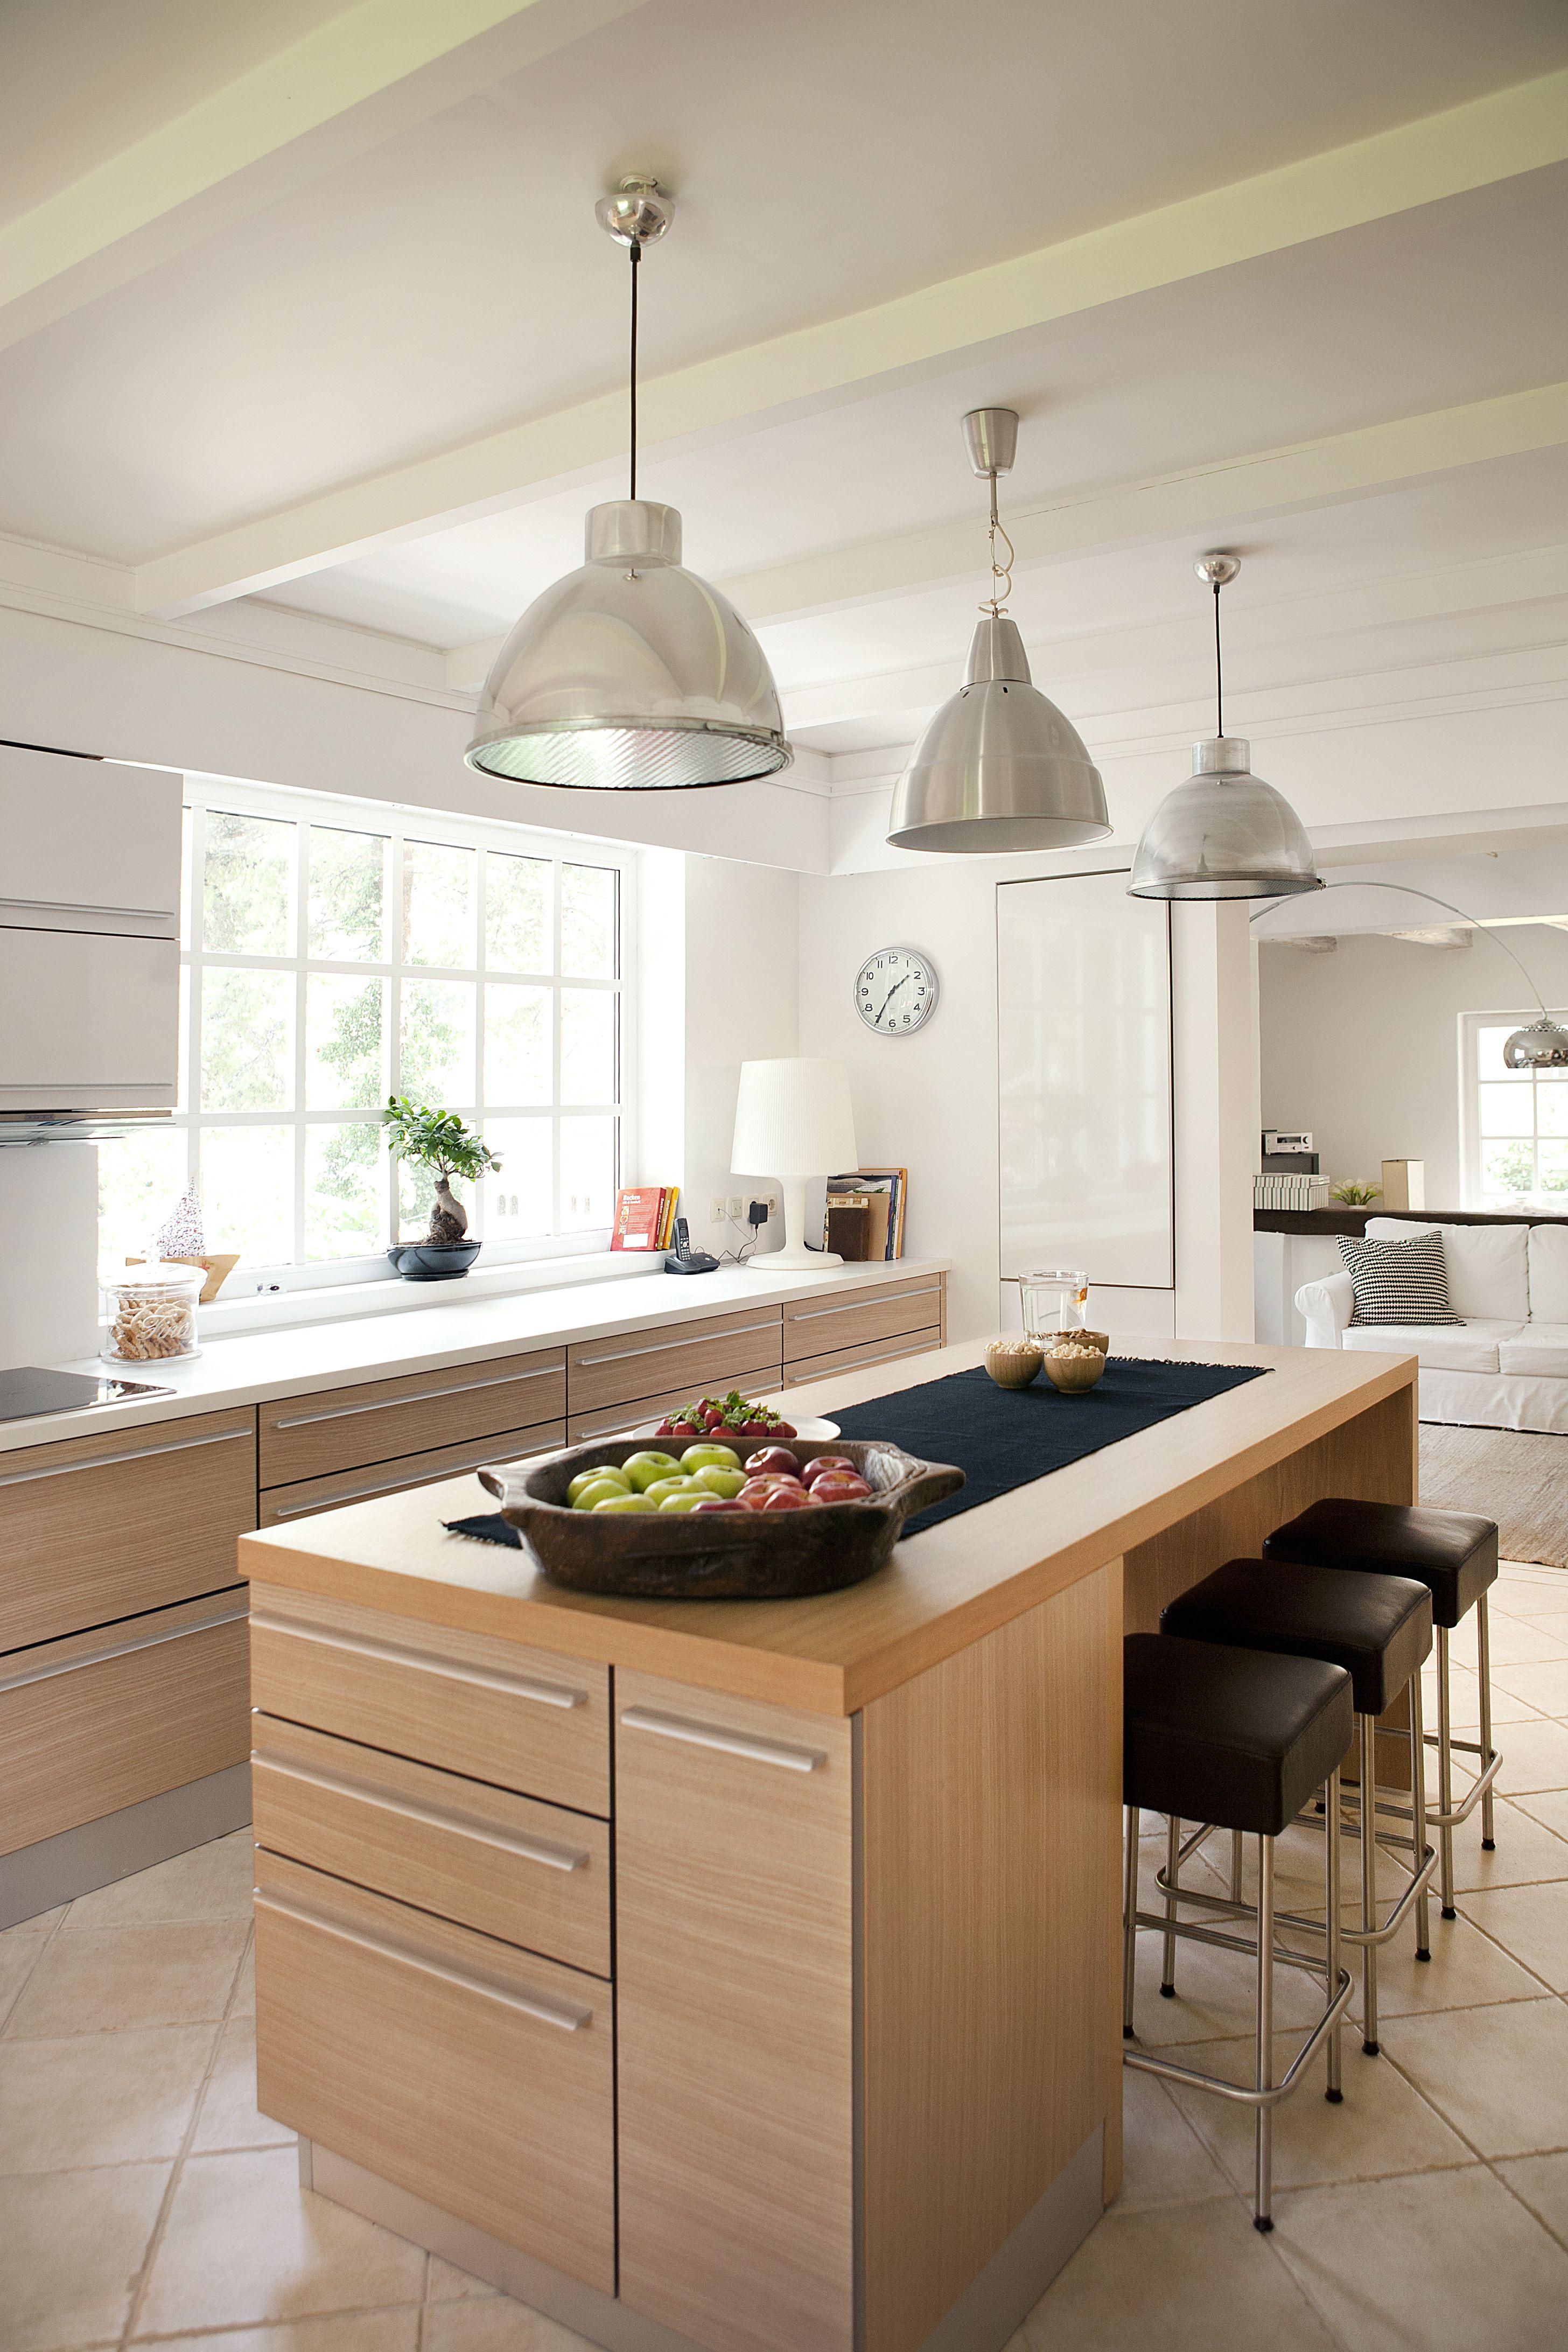 Cocina de diseño moderna de estilo nórdico, con madera clara y ...